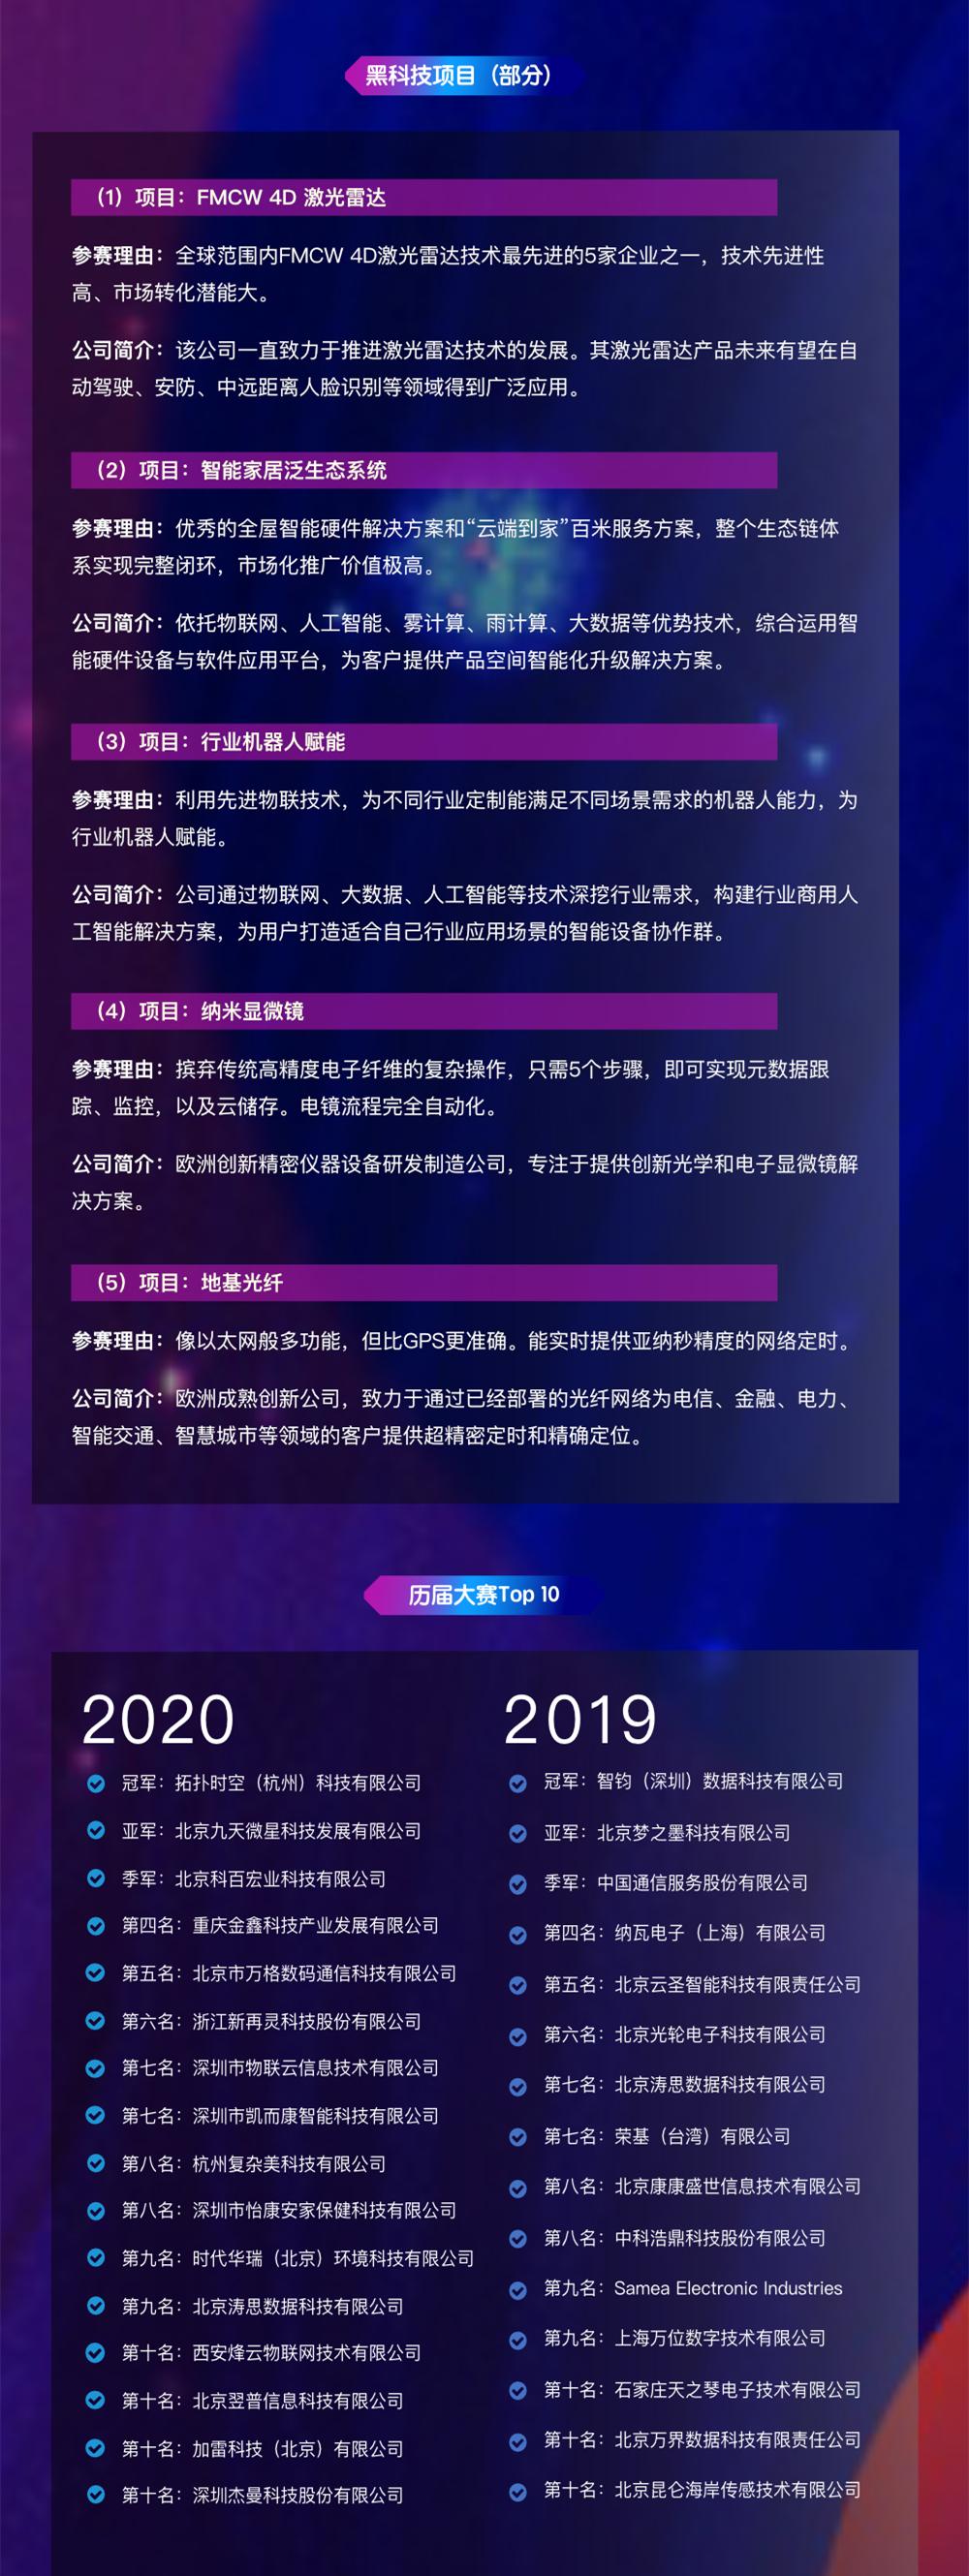 2021全球物联网黑科技大赛_2.jpg